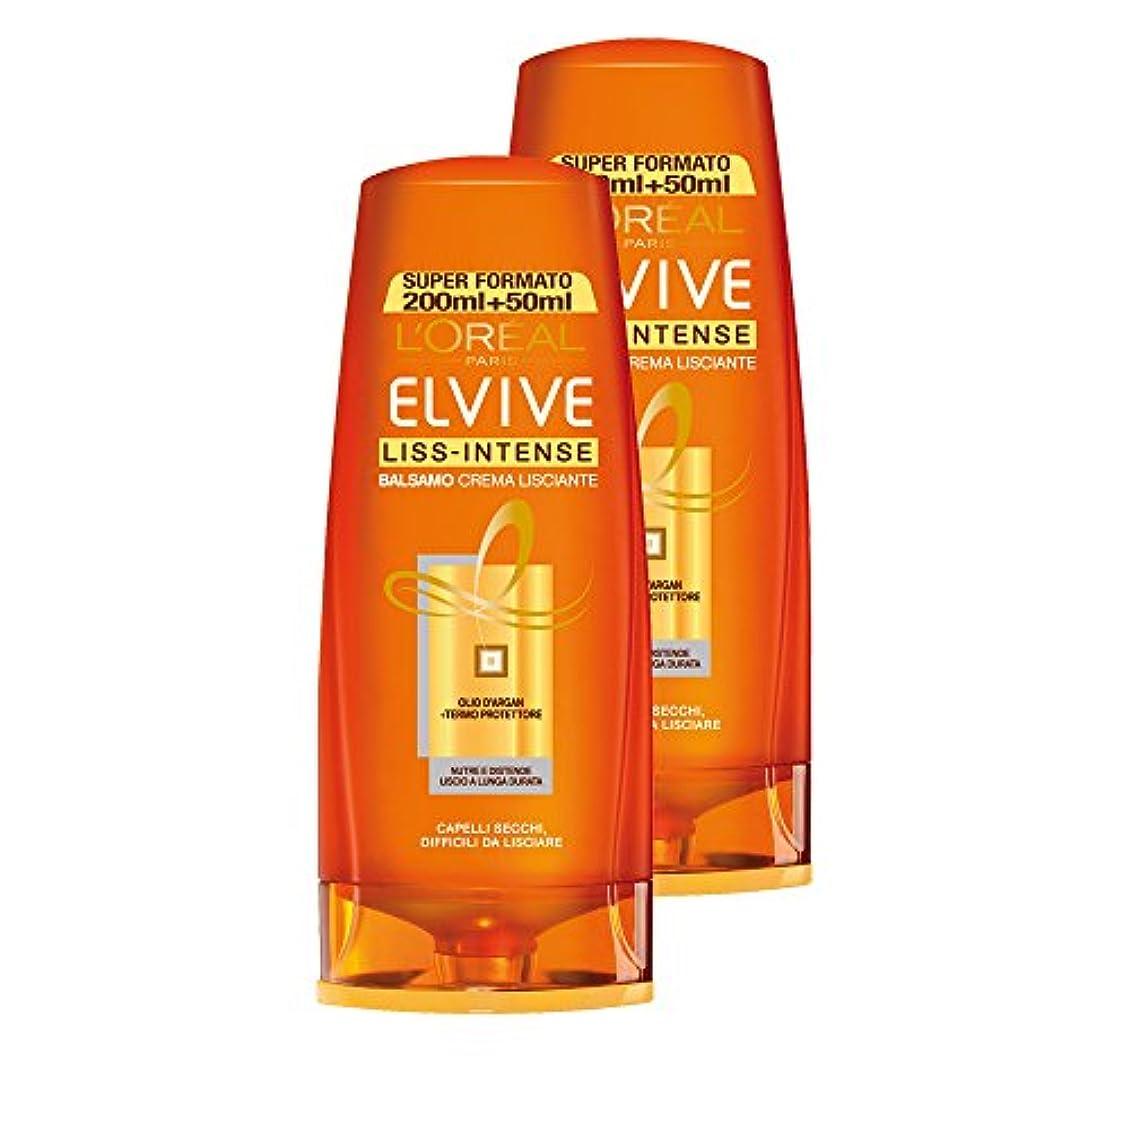 ダース内側敵意L 'OréalParis Elvive LISS-INTENSEバームクリームヘアサロン乾燥、なめらかにするのが難しい、3パック2 x 250 ml、合計:1500 ml